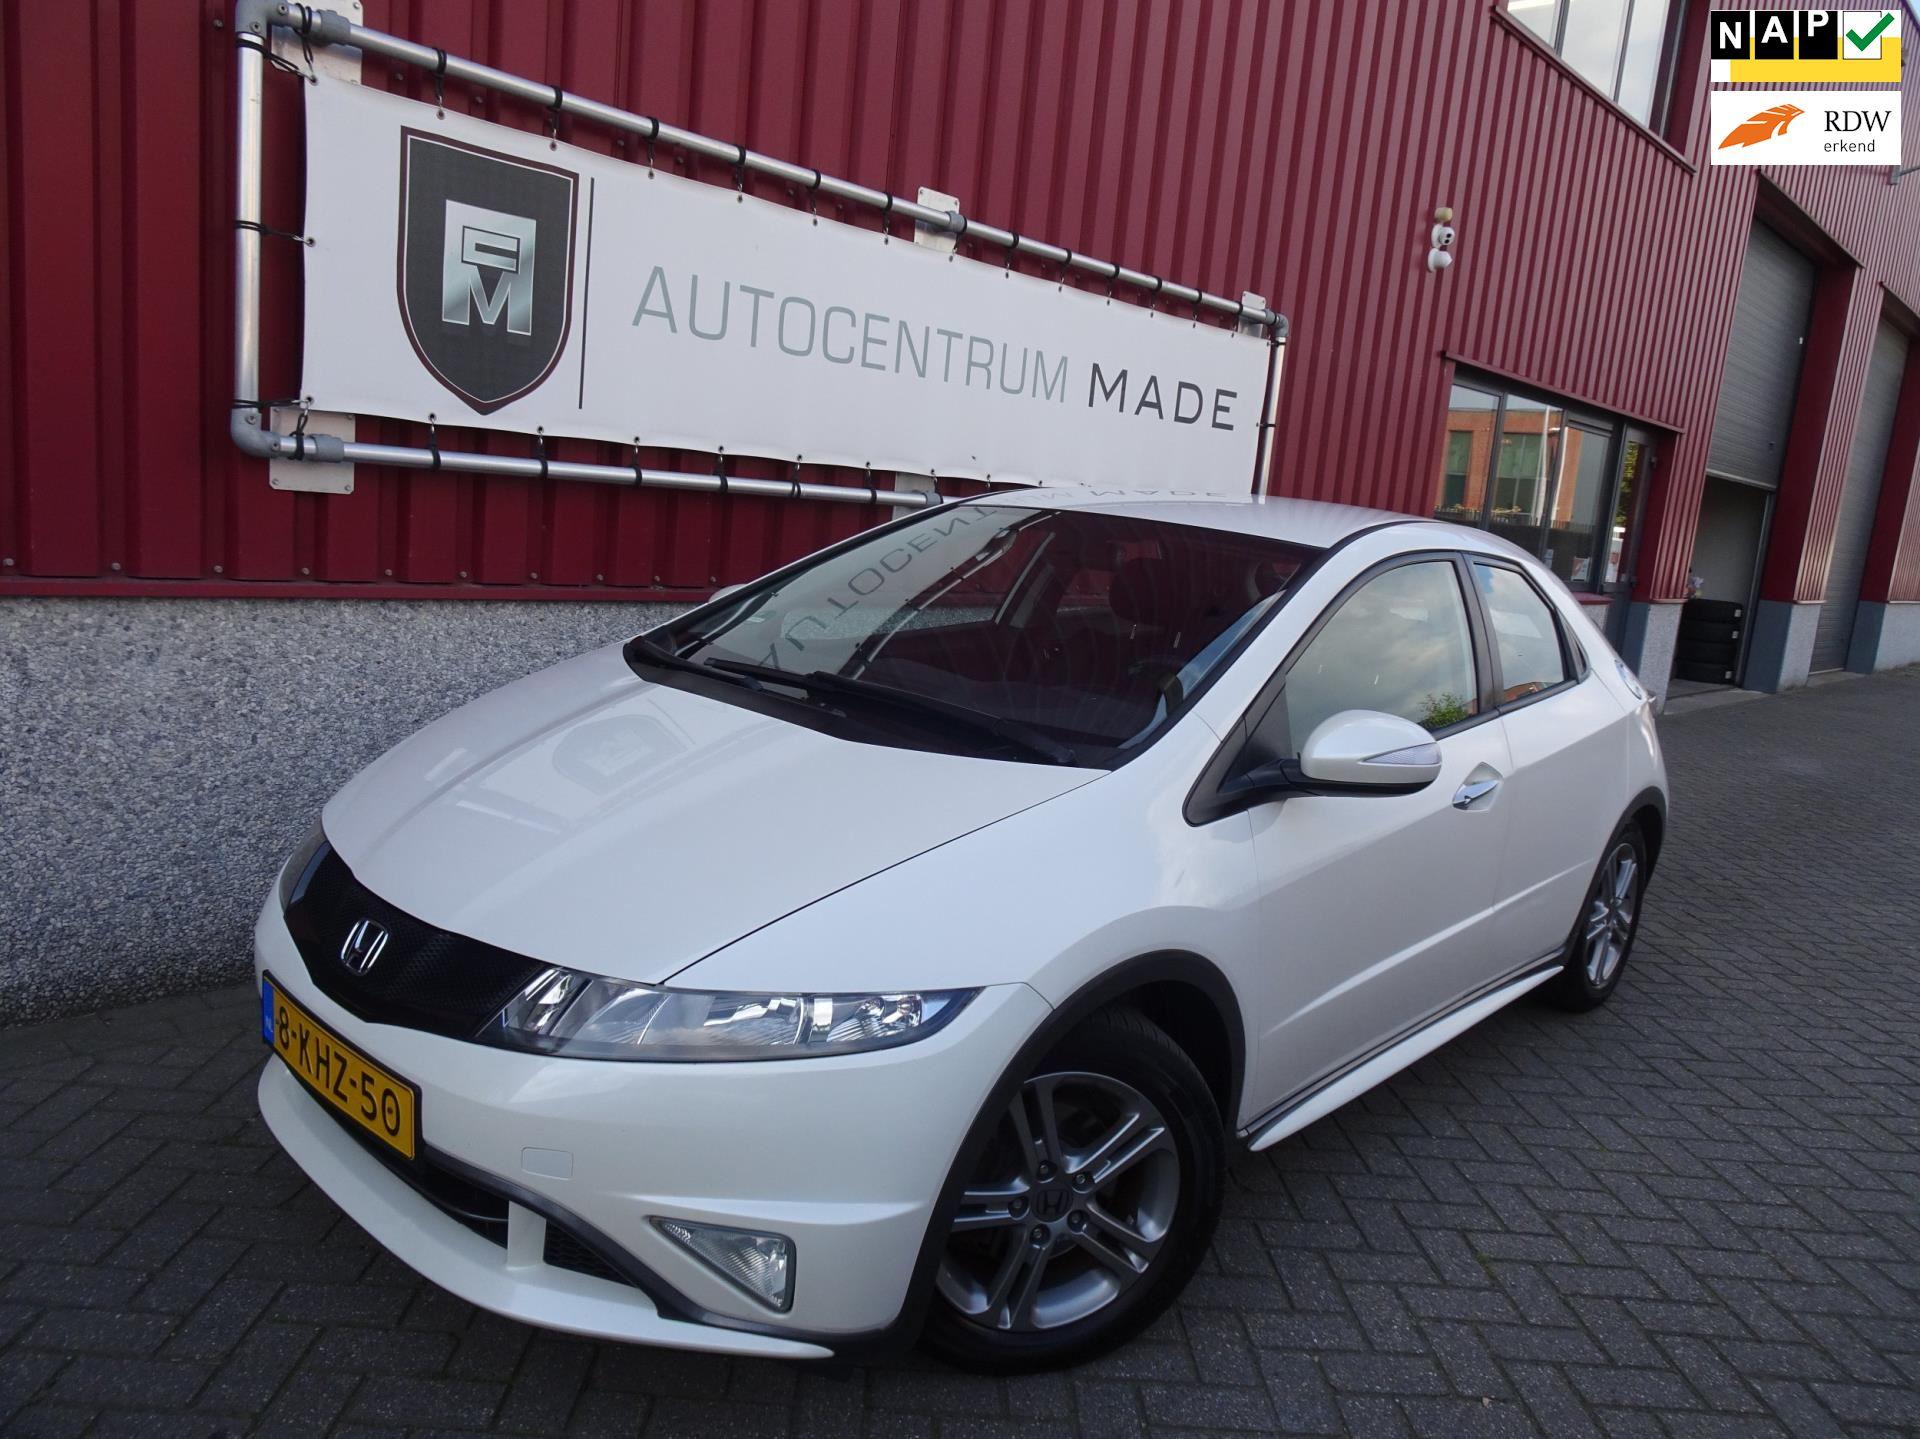 Honda Civic occasion - Auto Centrum Made